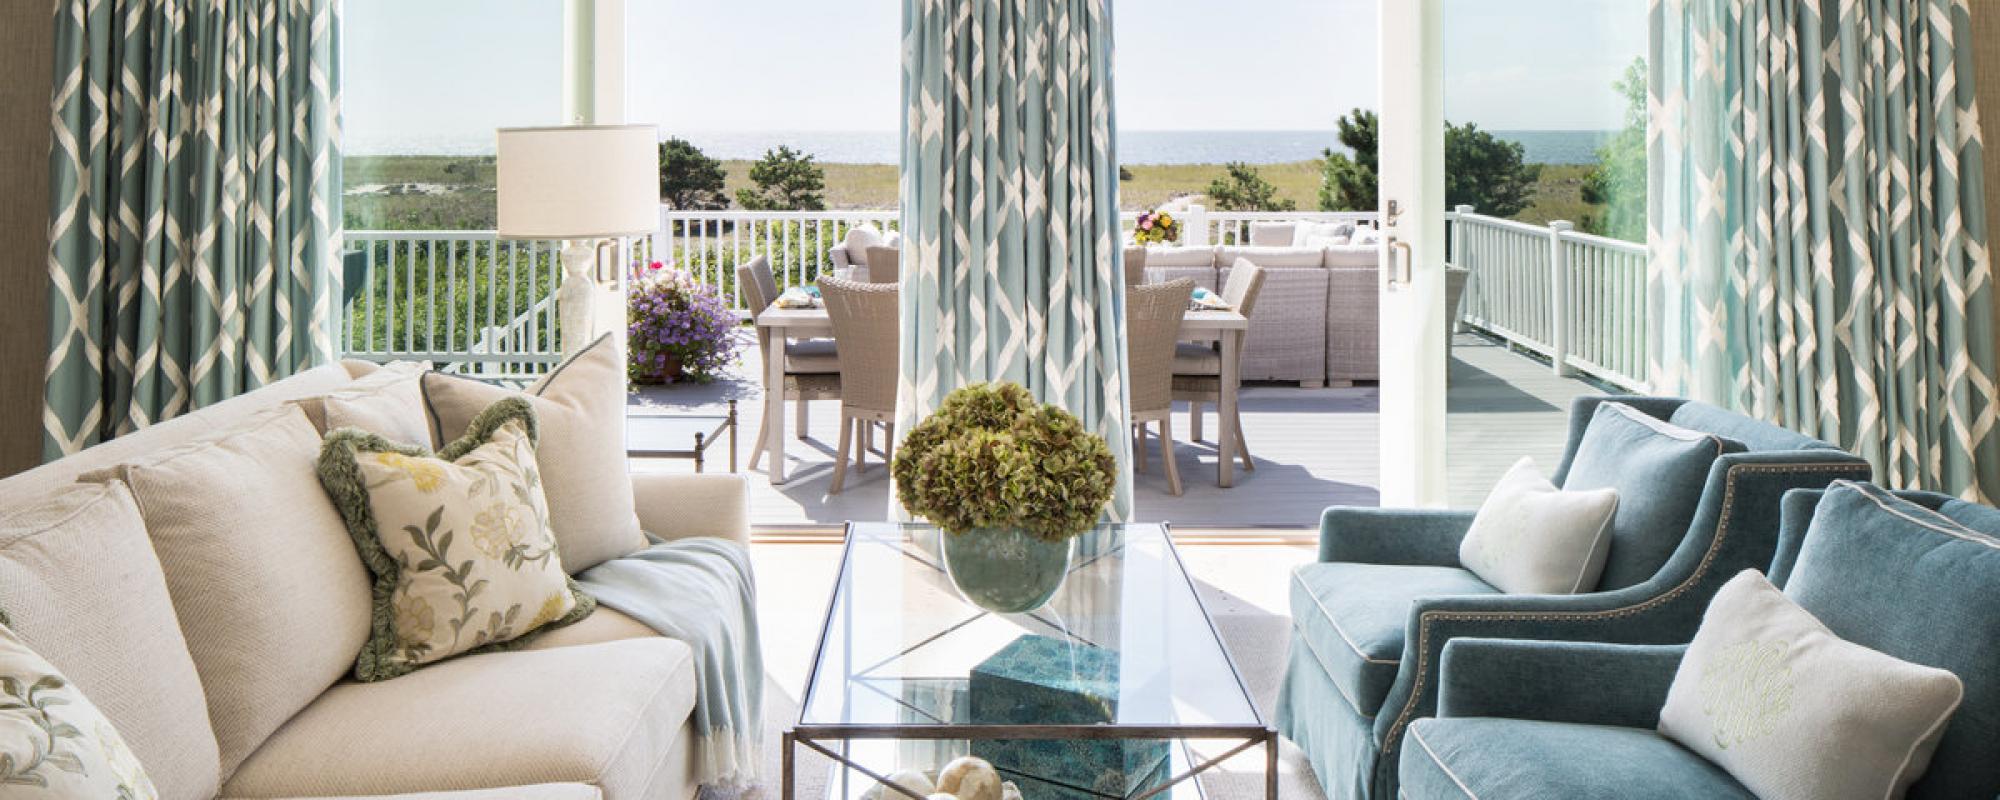 blue-living-room-resized-slider